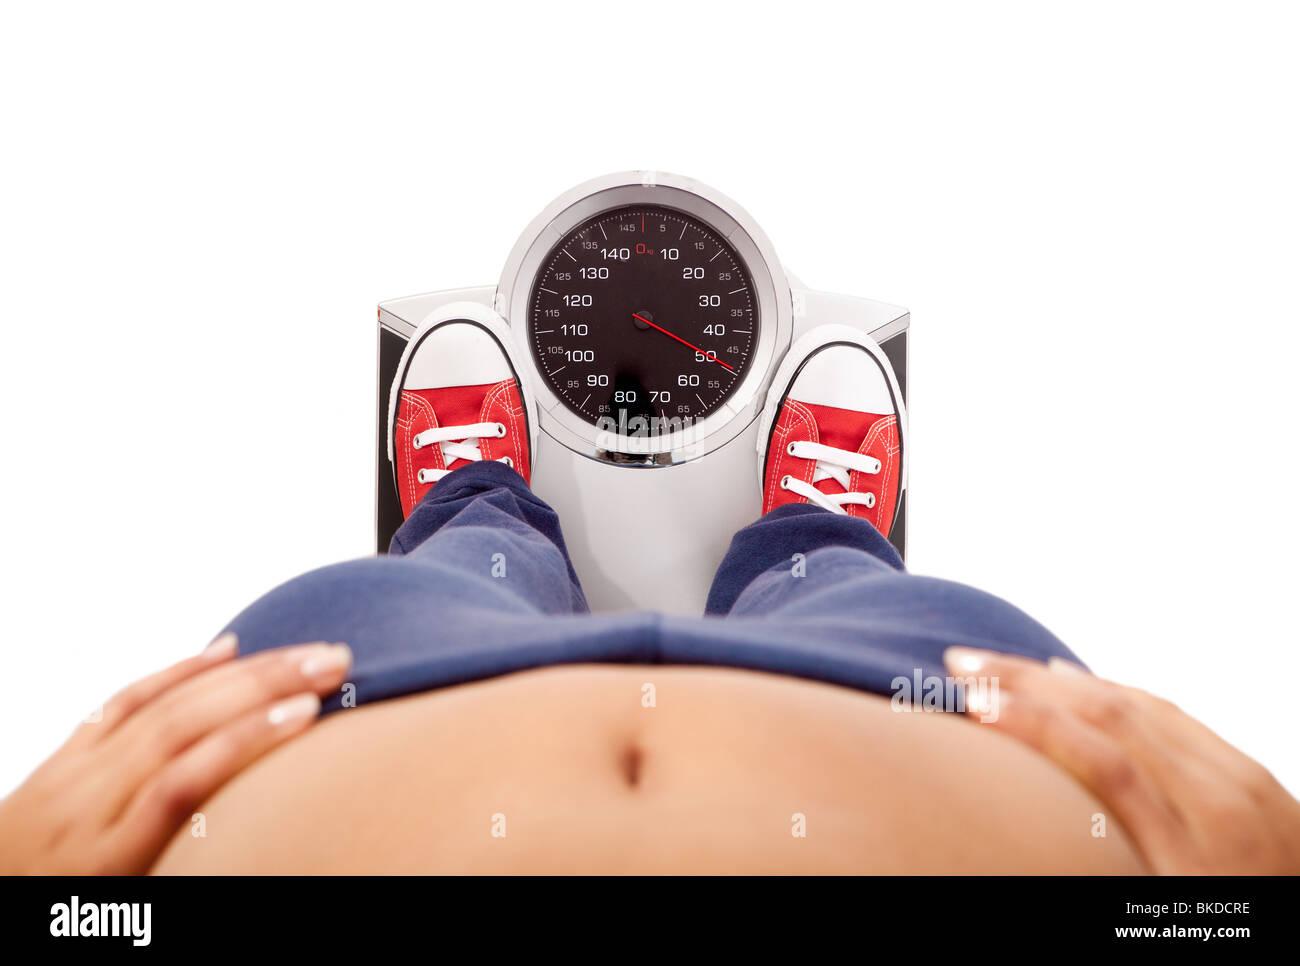 Atletica Giovane ragazza misurando il suo peso su una bilancia Immagini Stock